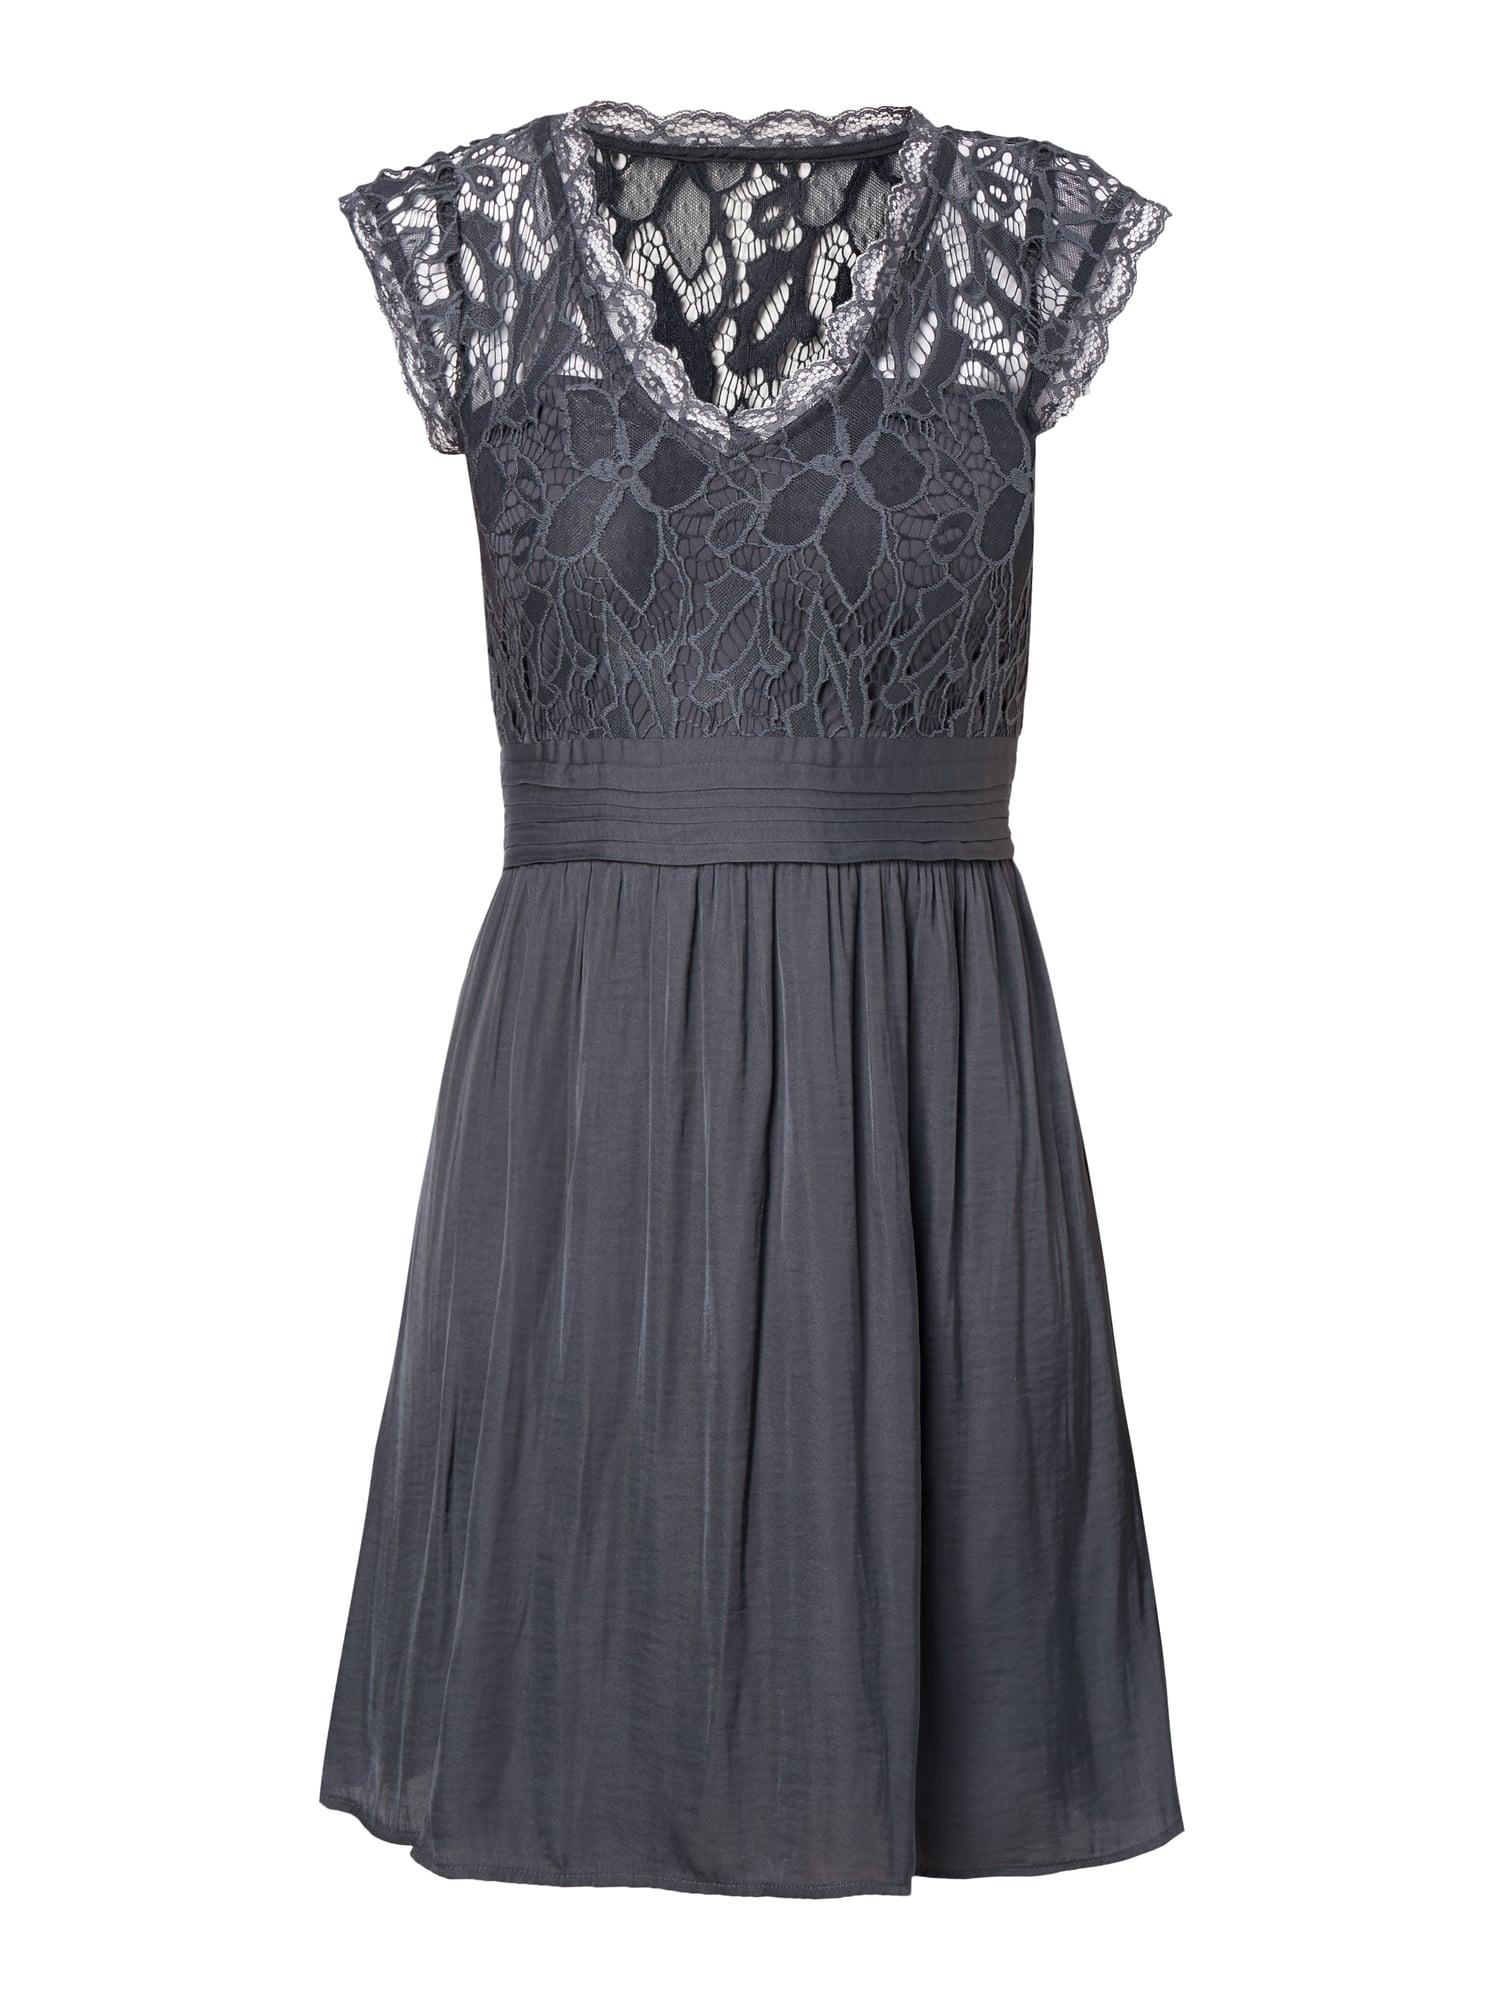 15 Top Kleid Mit Spitze Blau für 2019 - Abendkleid